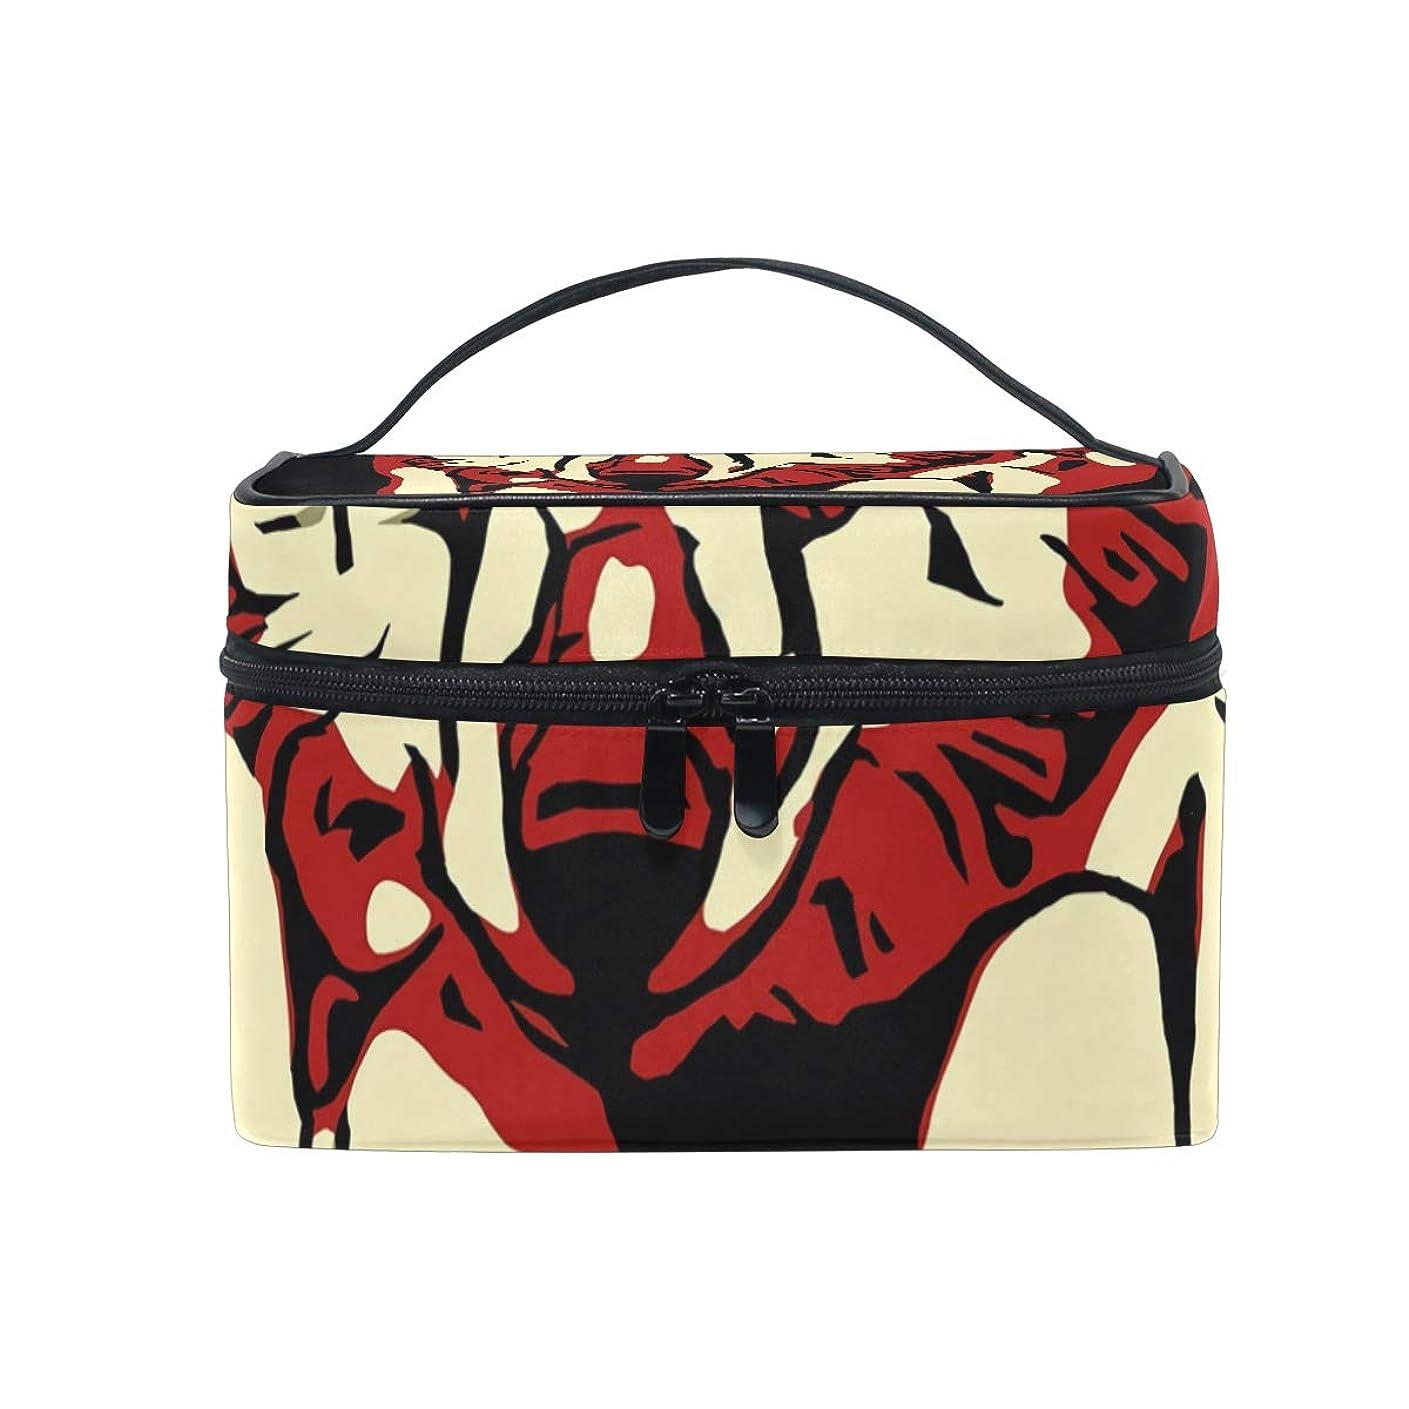 ディプロマぐるぐる肥沃なメイクボックス オオカミ柄 化粧ポーチ 化粧品 化粧道具 小物入れ メイクブラシバッグ 大容量 旅行用 収納ケース